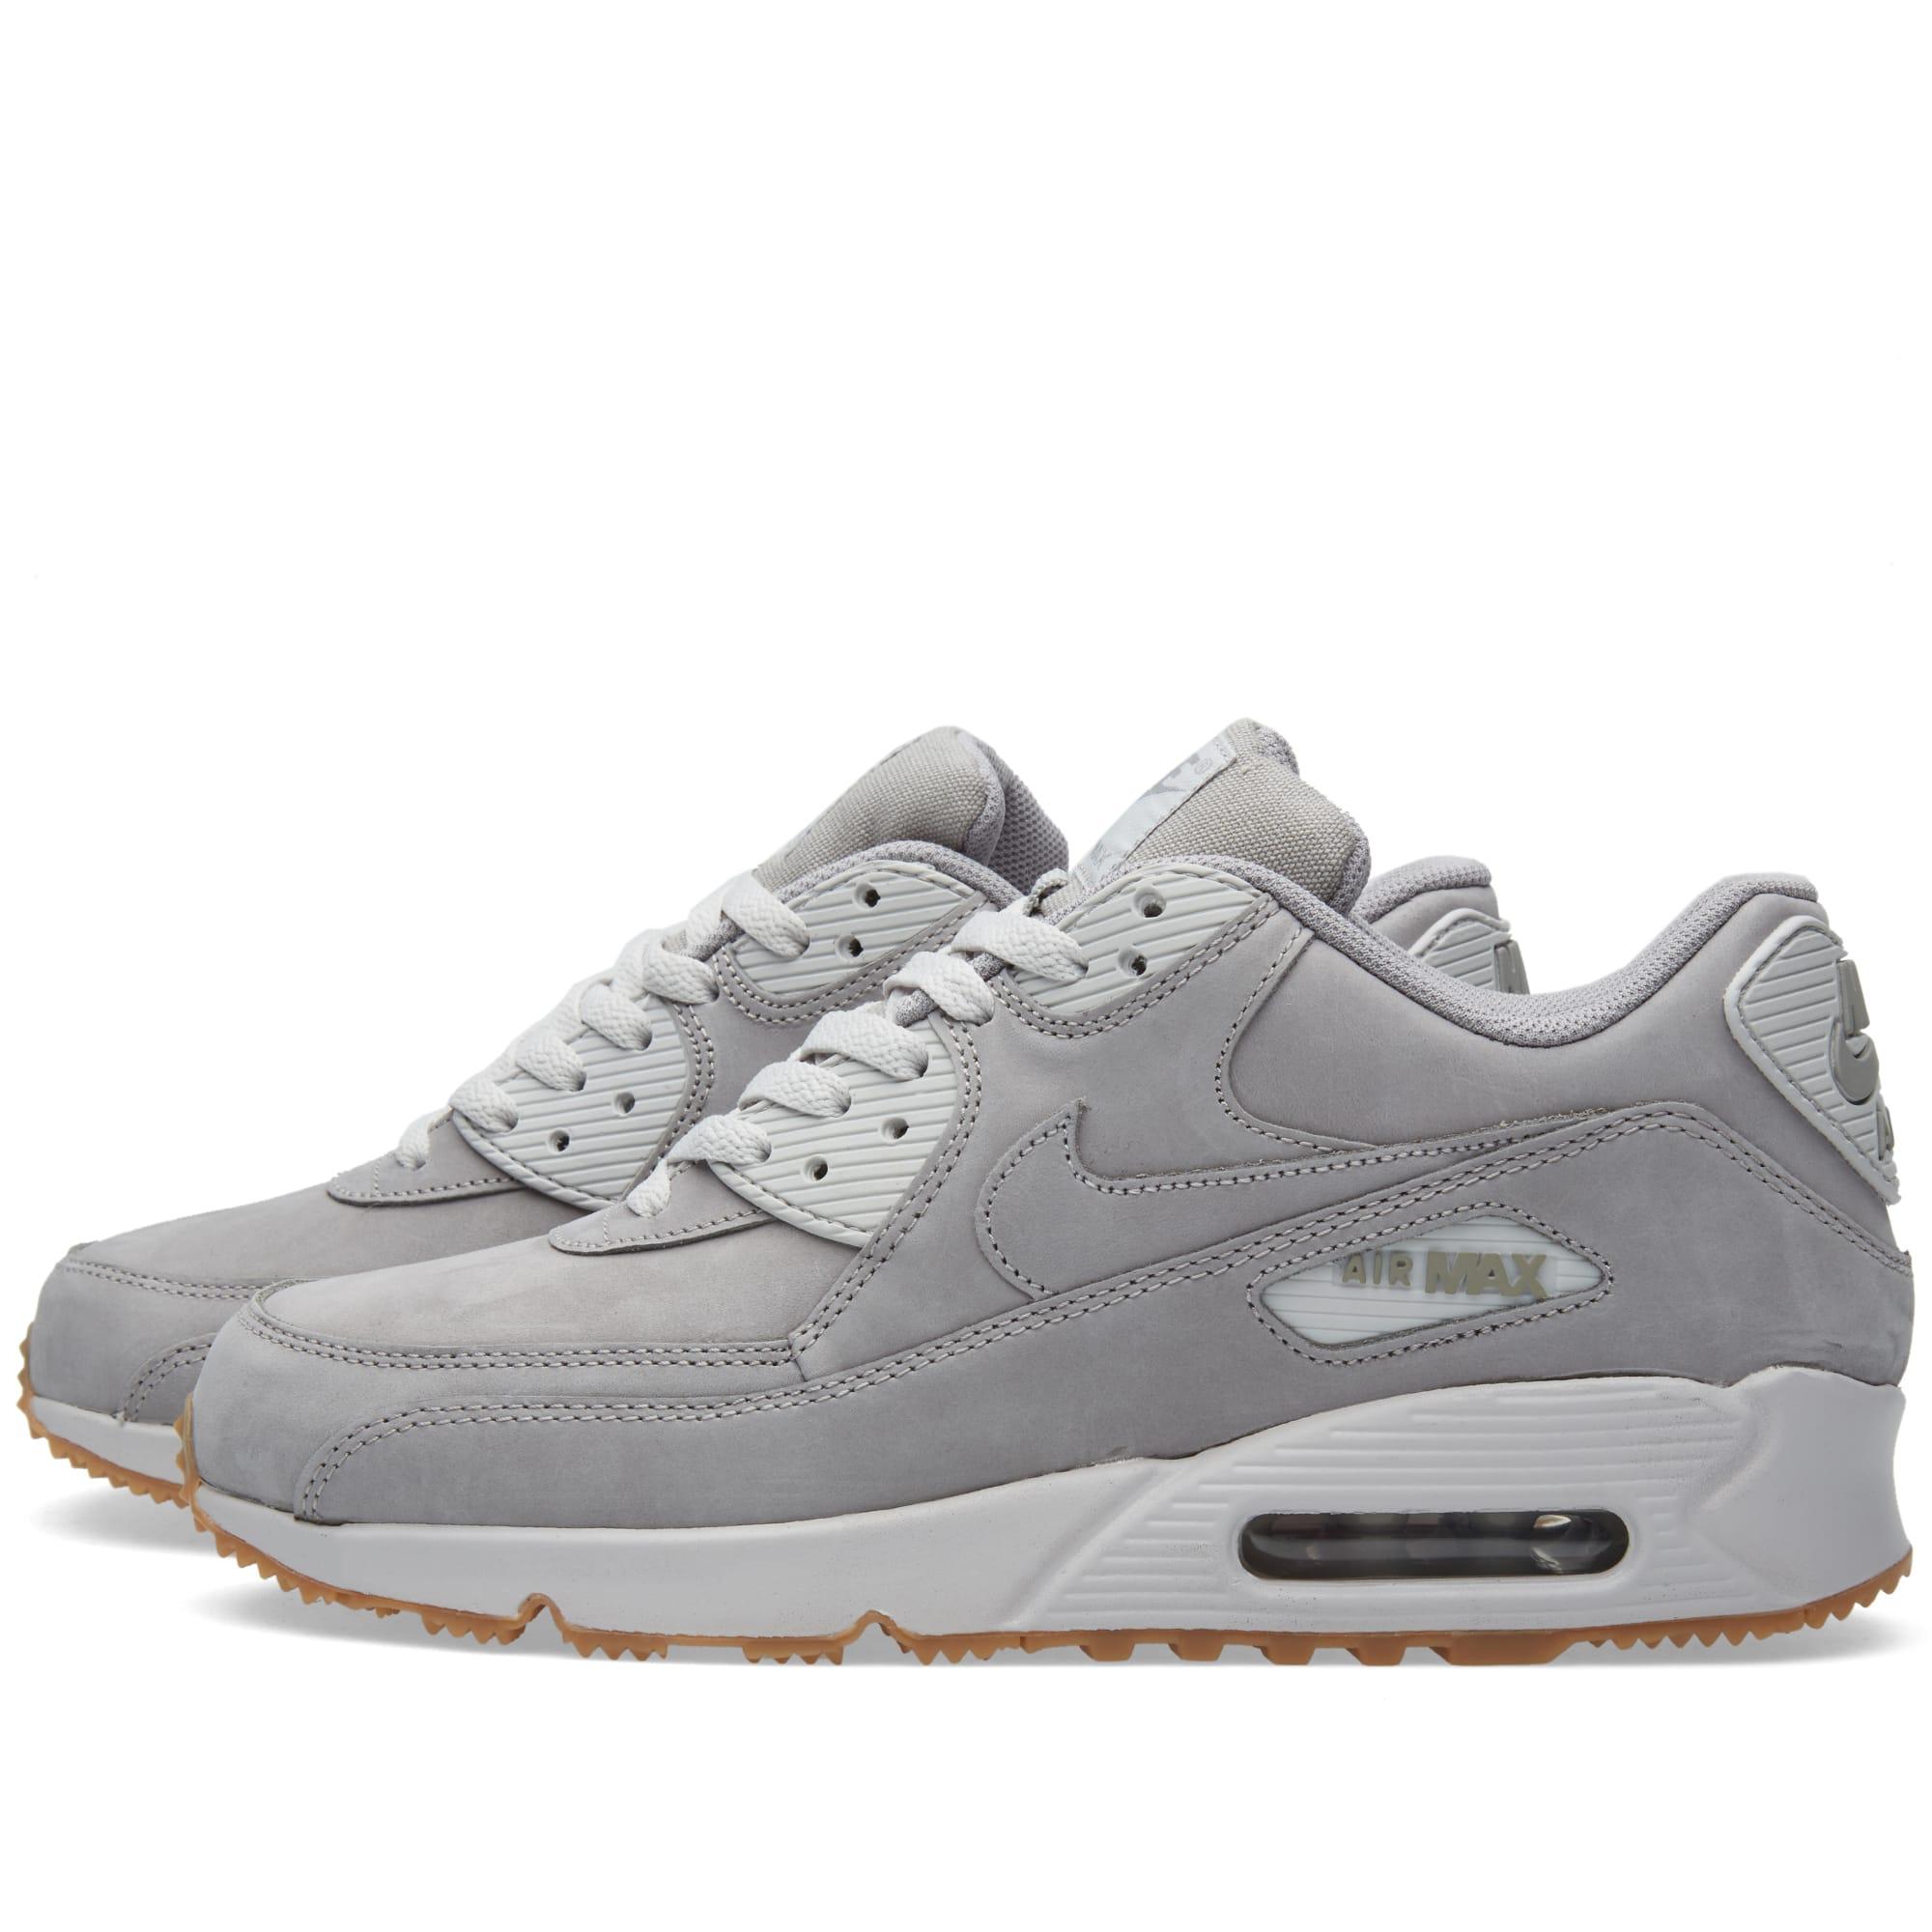 buy online 4835f debc4 Nike Air Max 90 Winter Premium